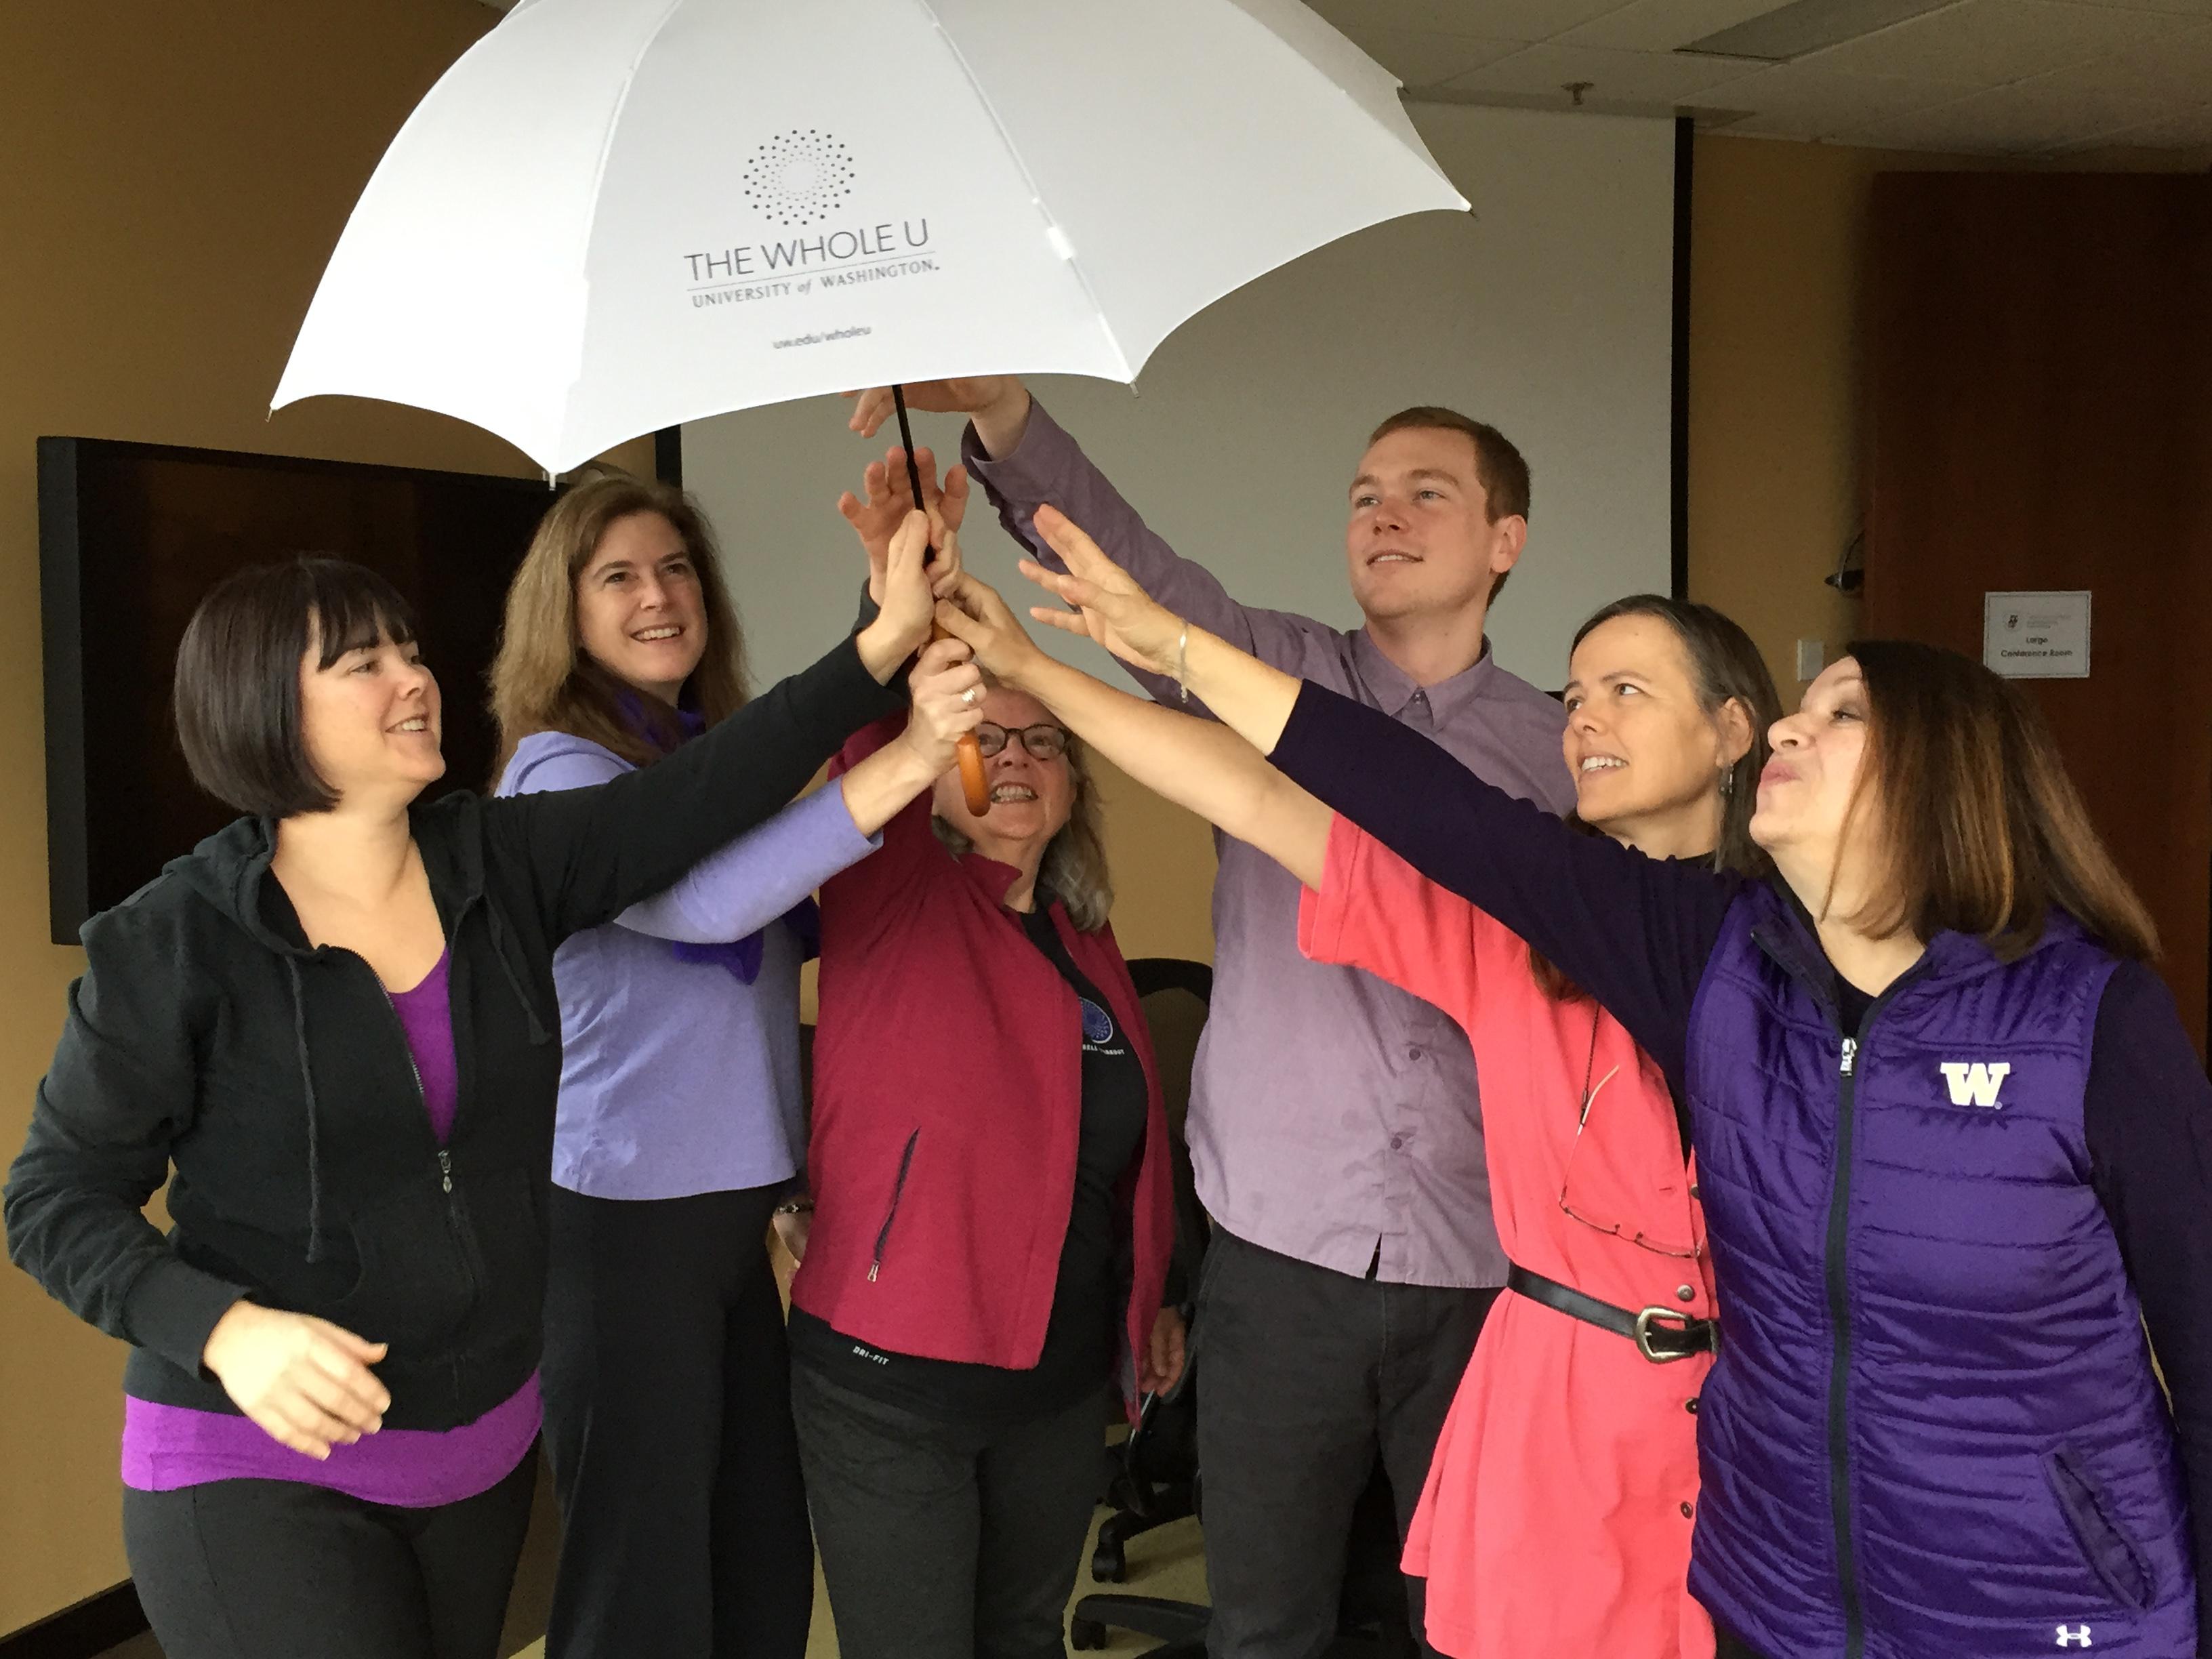 UW umbrella dance